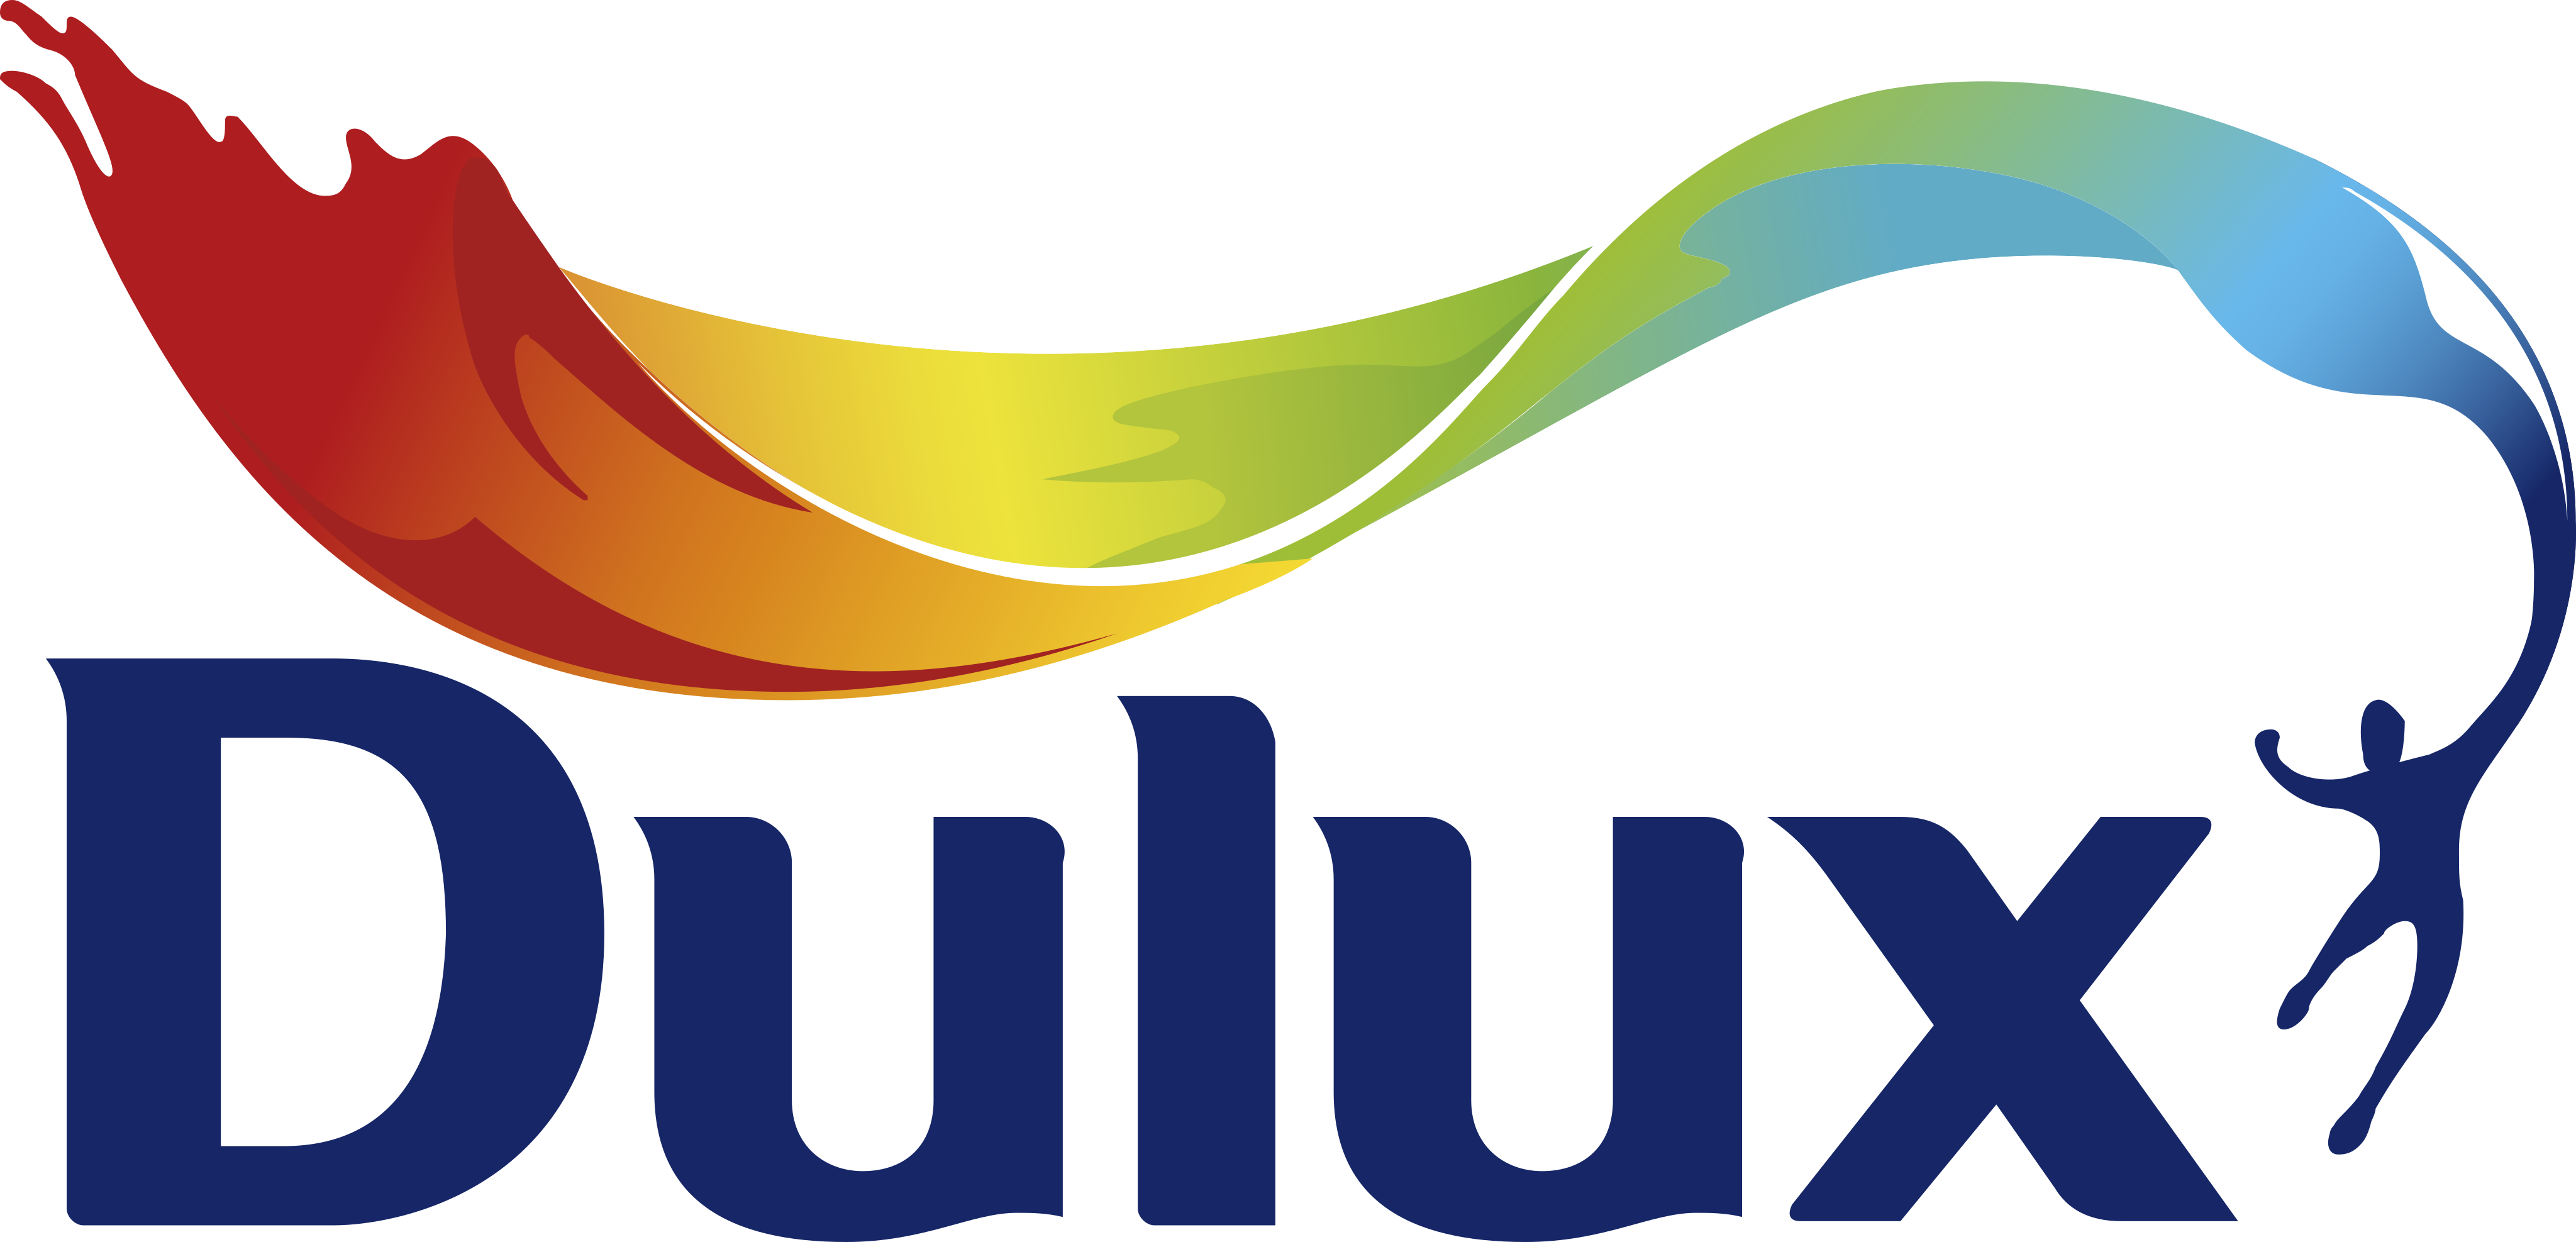 peintures dulux logo Sherbrooke